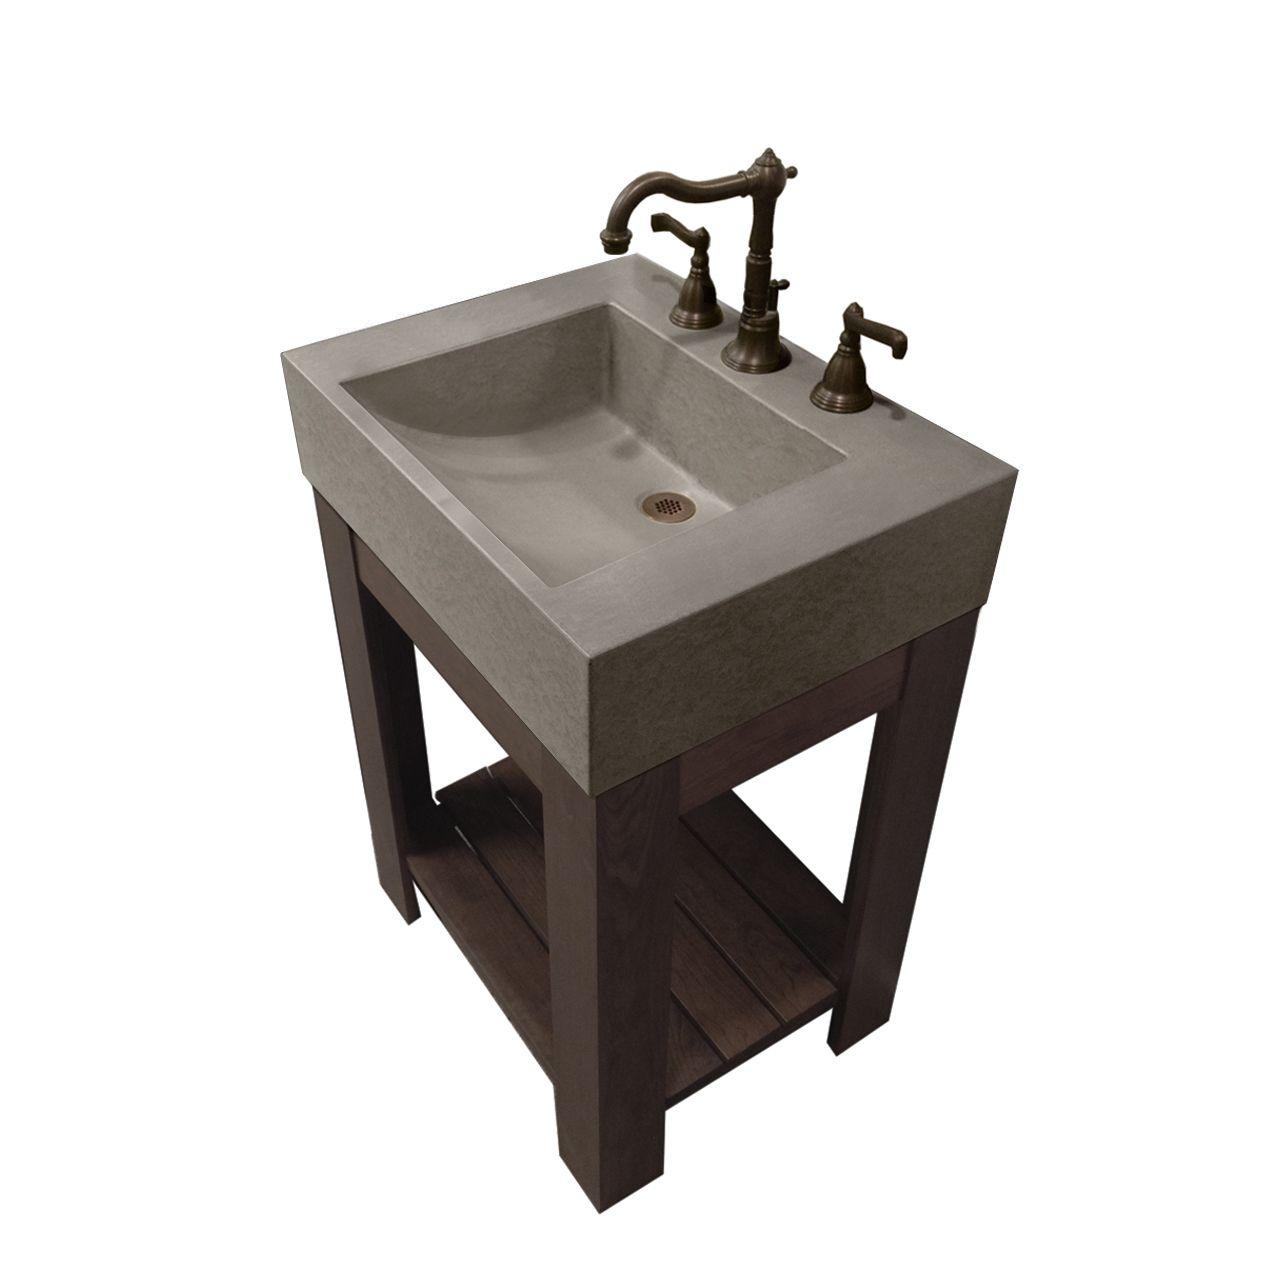 cado concrete bathroom vanity sink - trueform concrete | bathroom